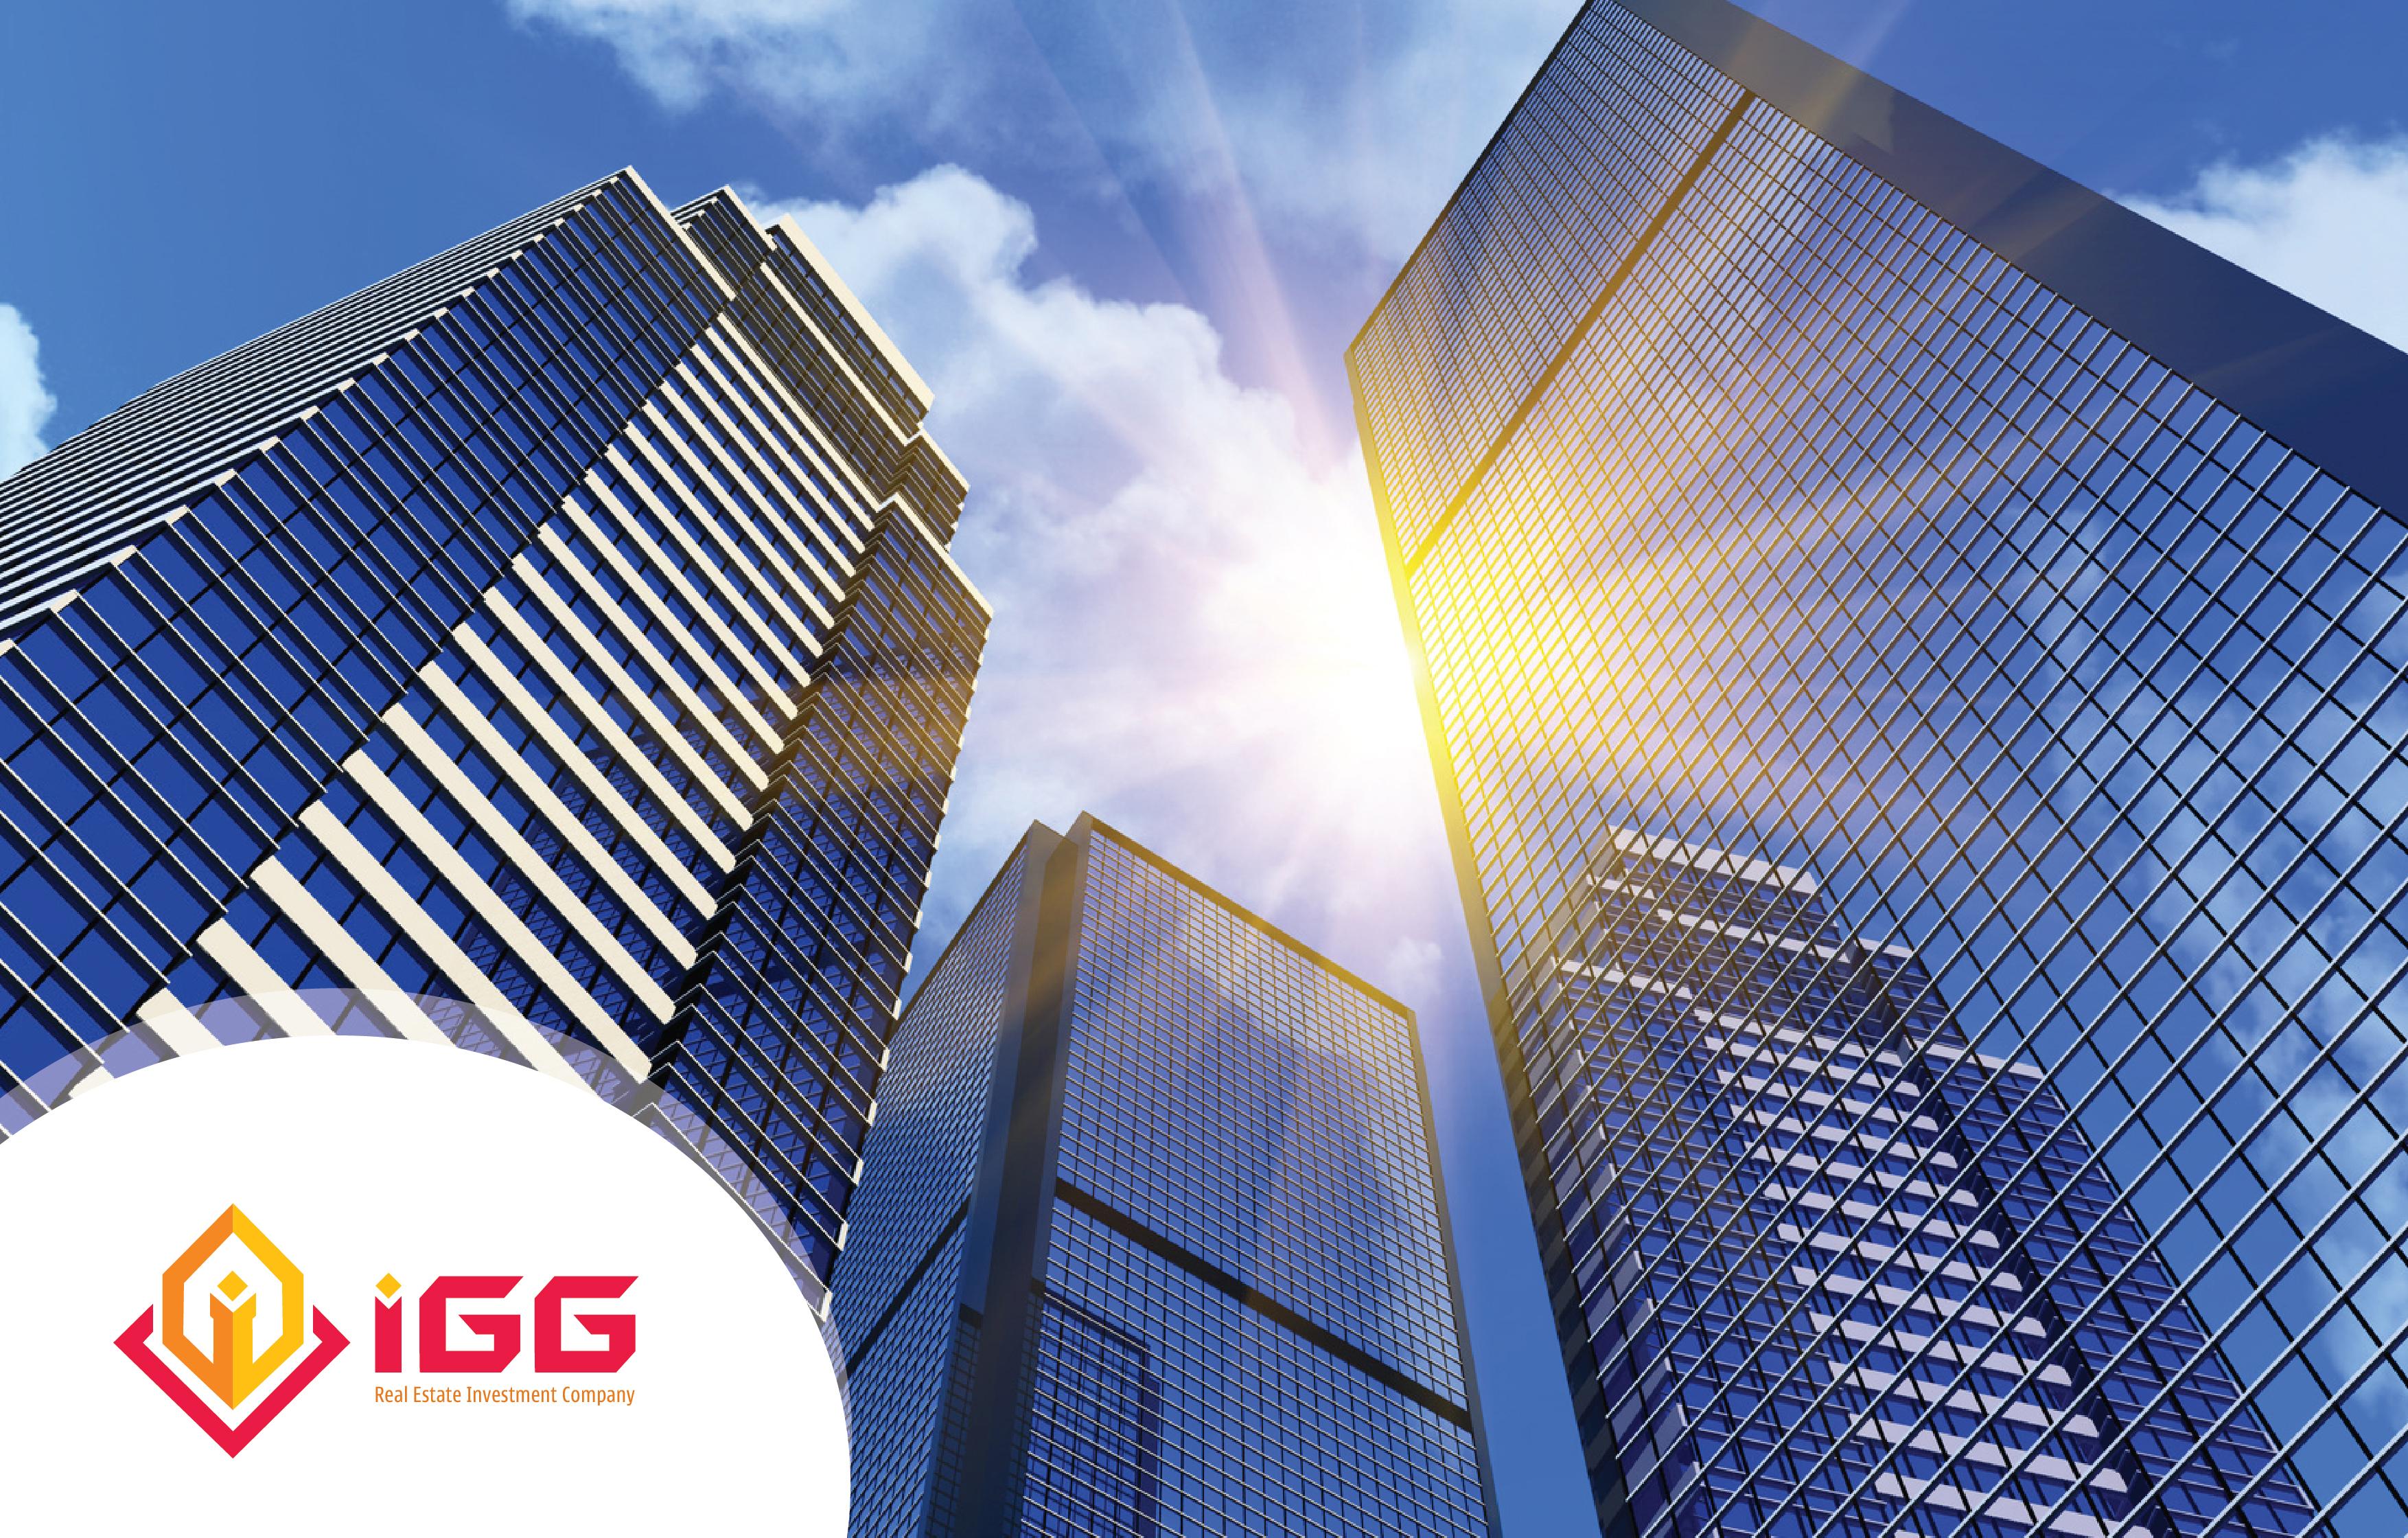 Thiết kế logo và nhận diện thương hiệu công ty bất động sản IGG tại Quảng Ninh